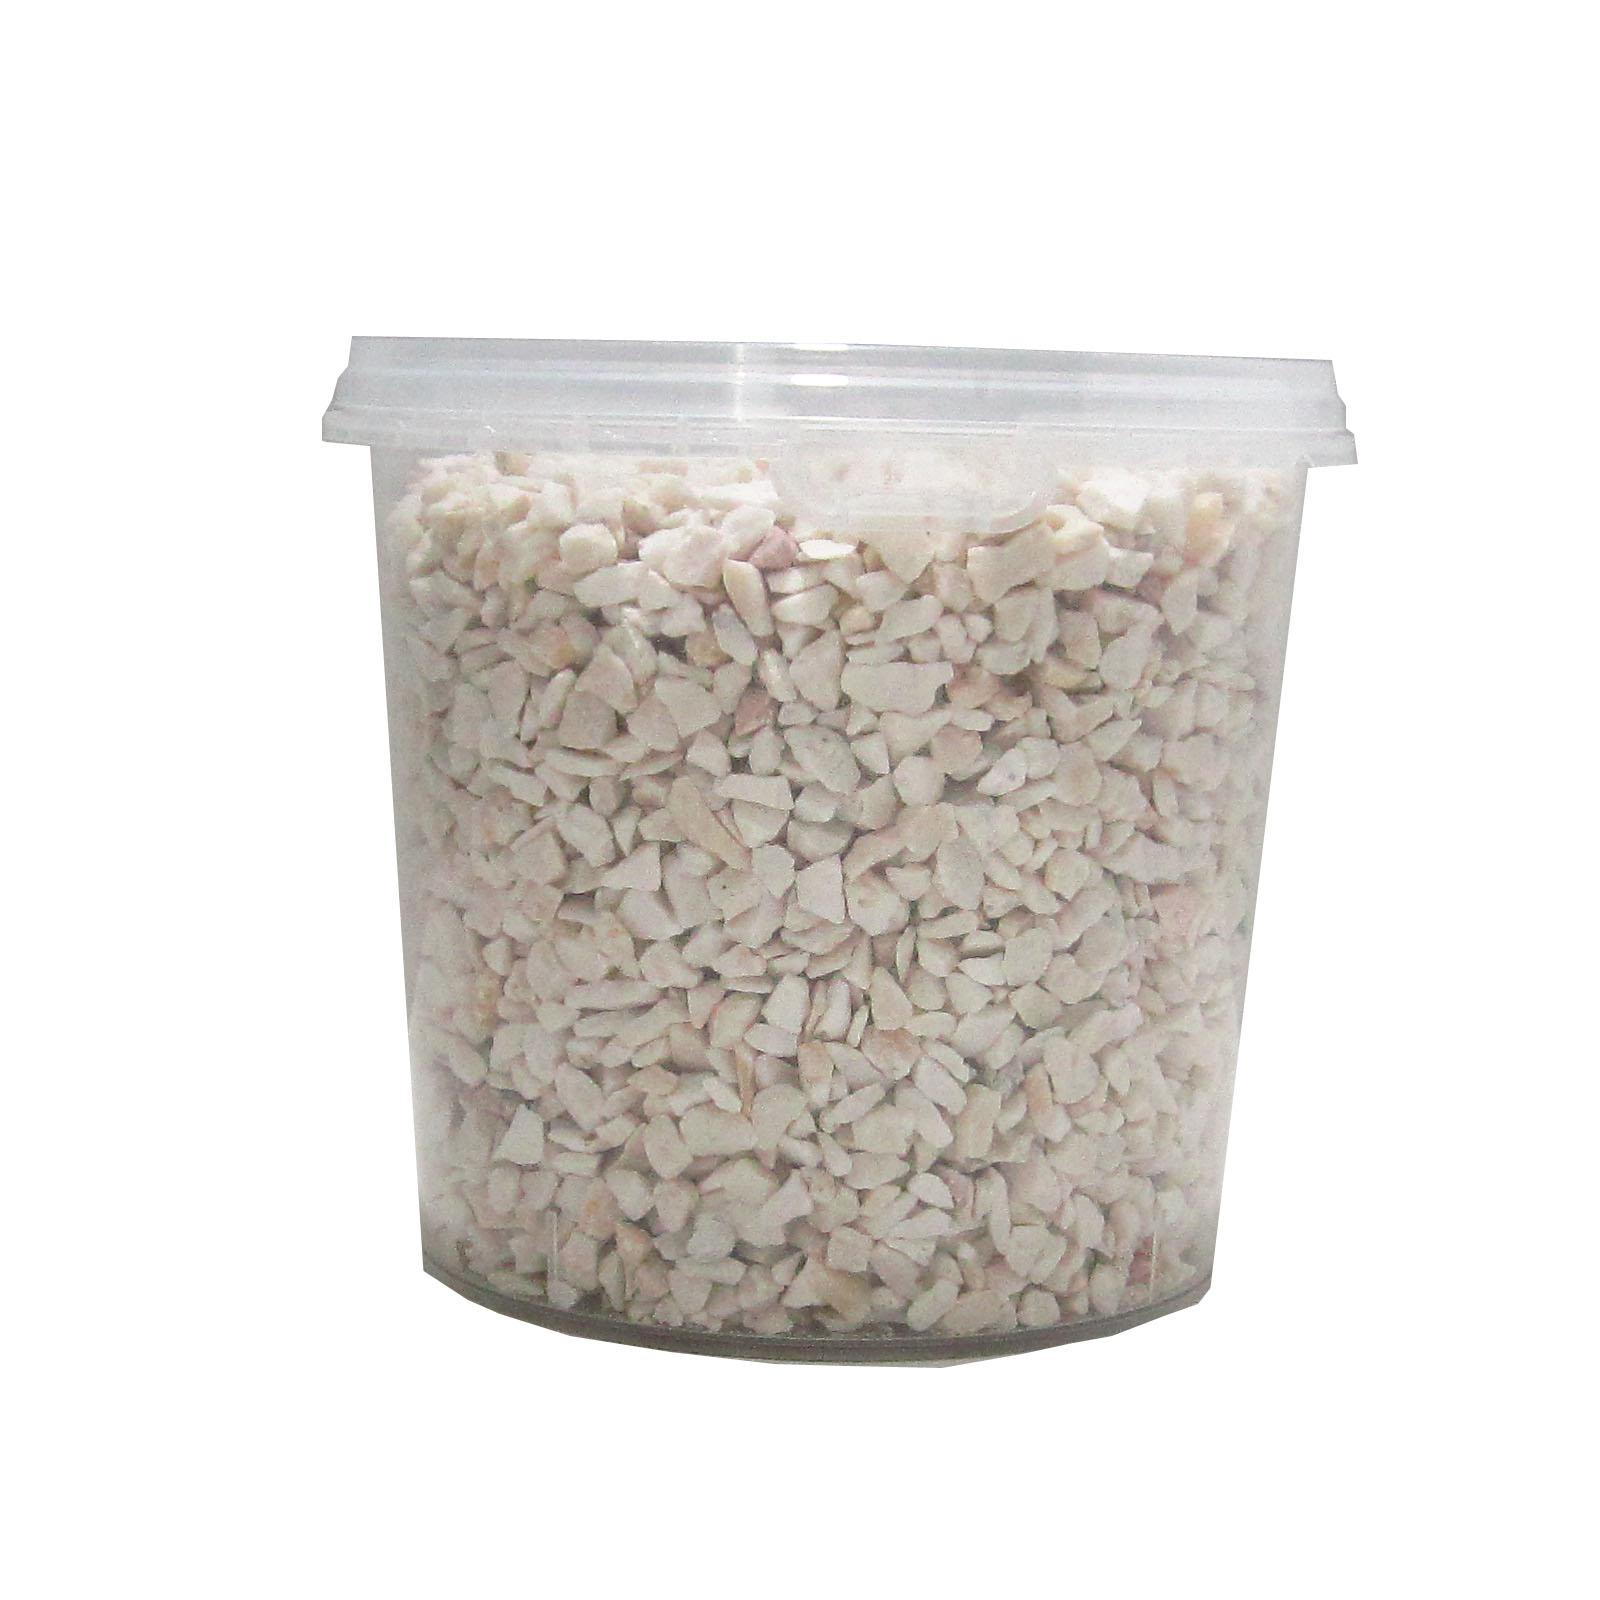 سنگ تزیینی آکواریوم کد 878 وزن 1500 گرم